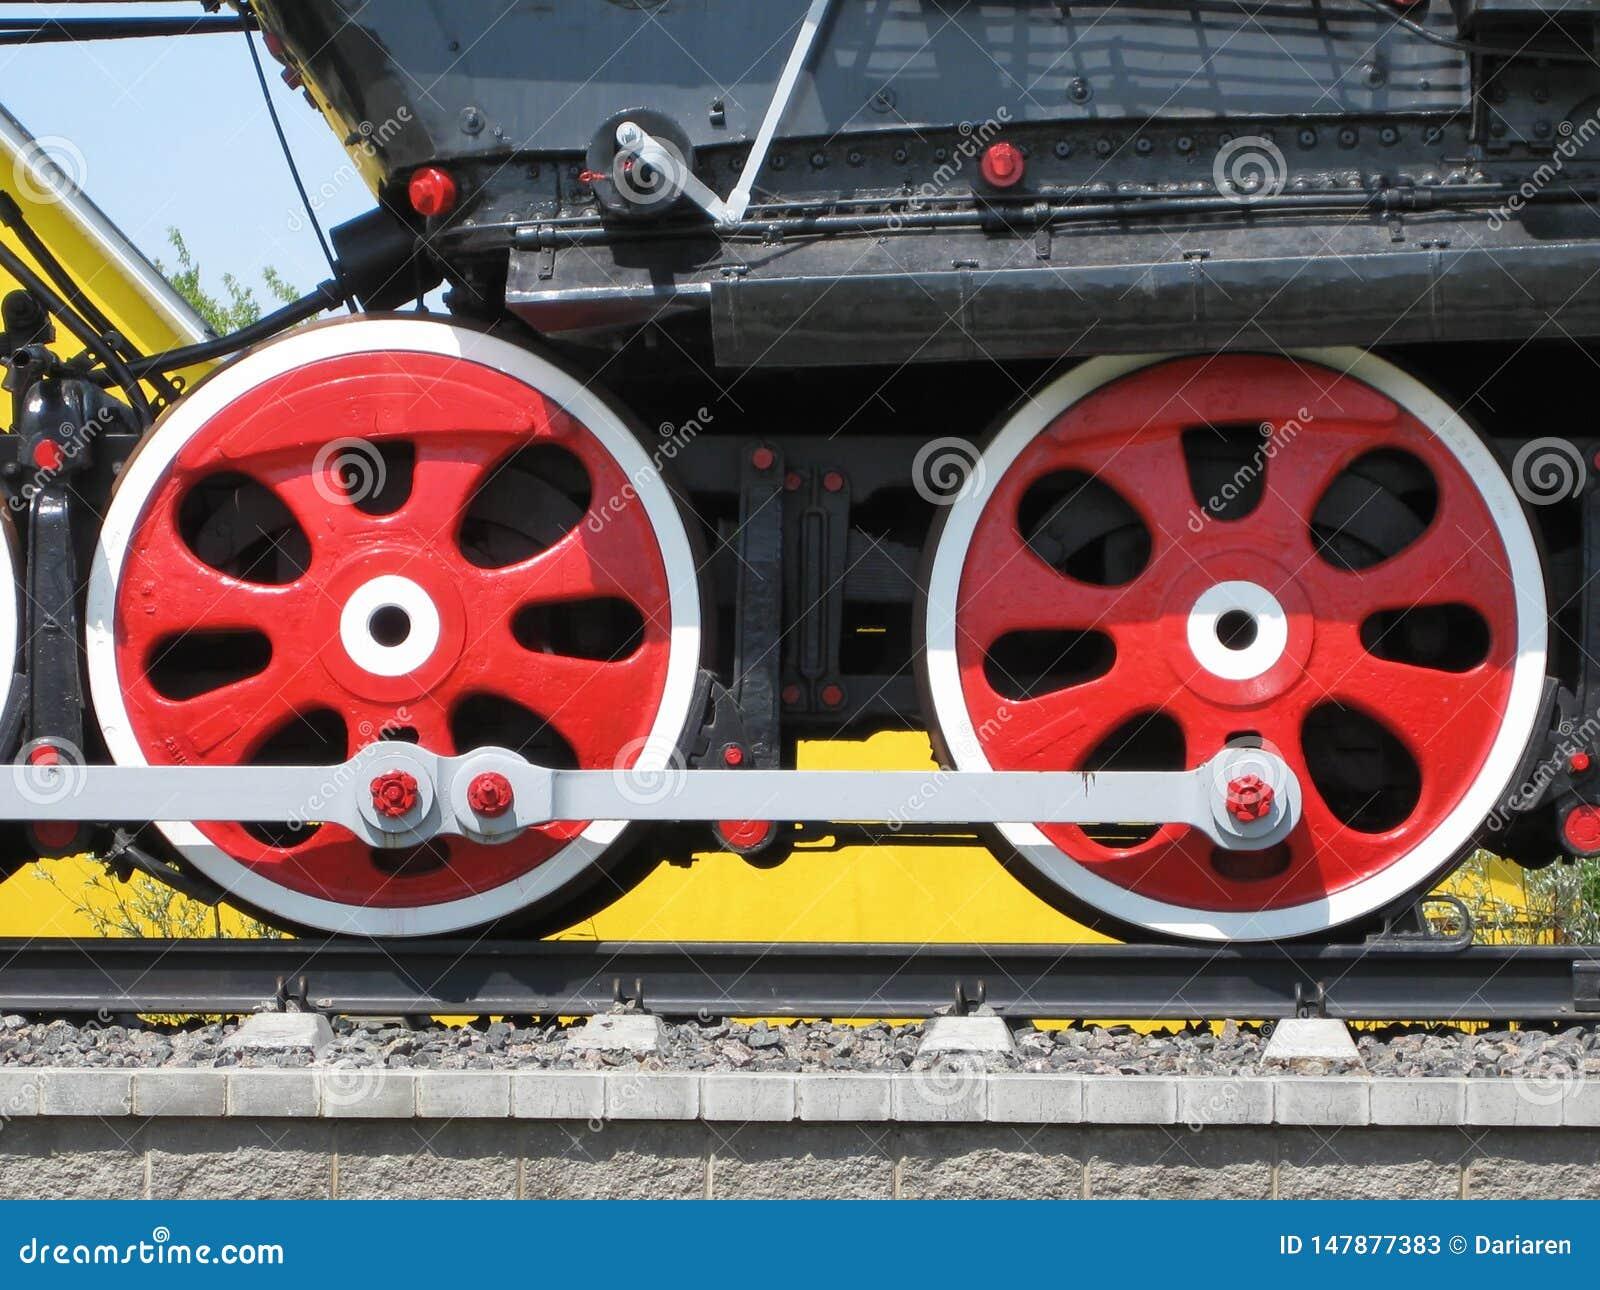 Roues de rétro train démodé